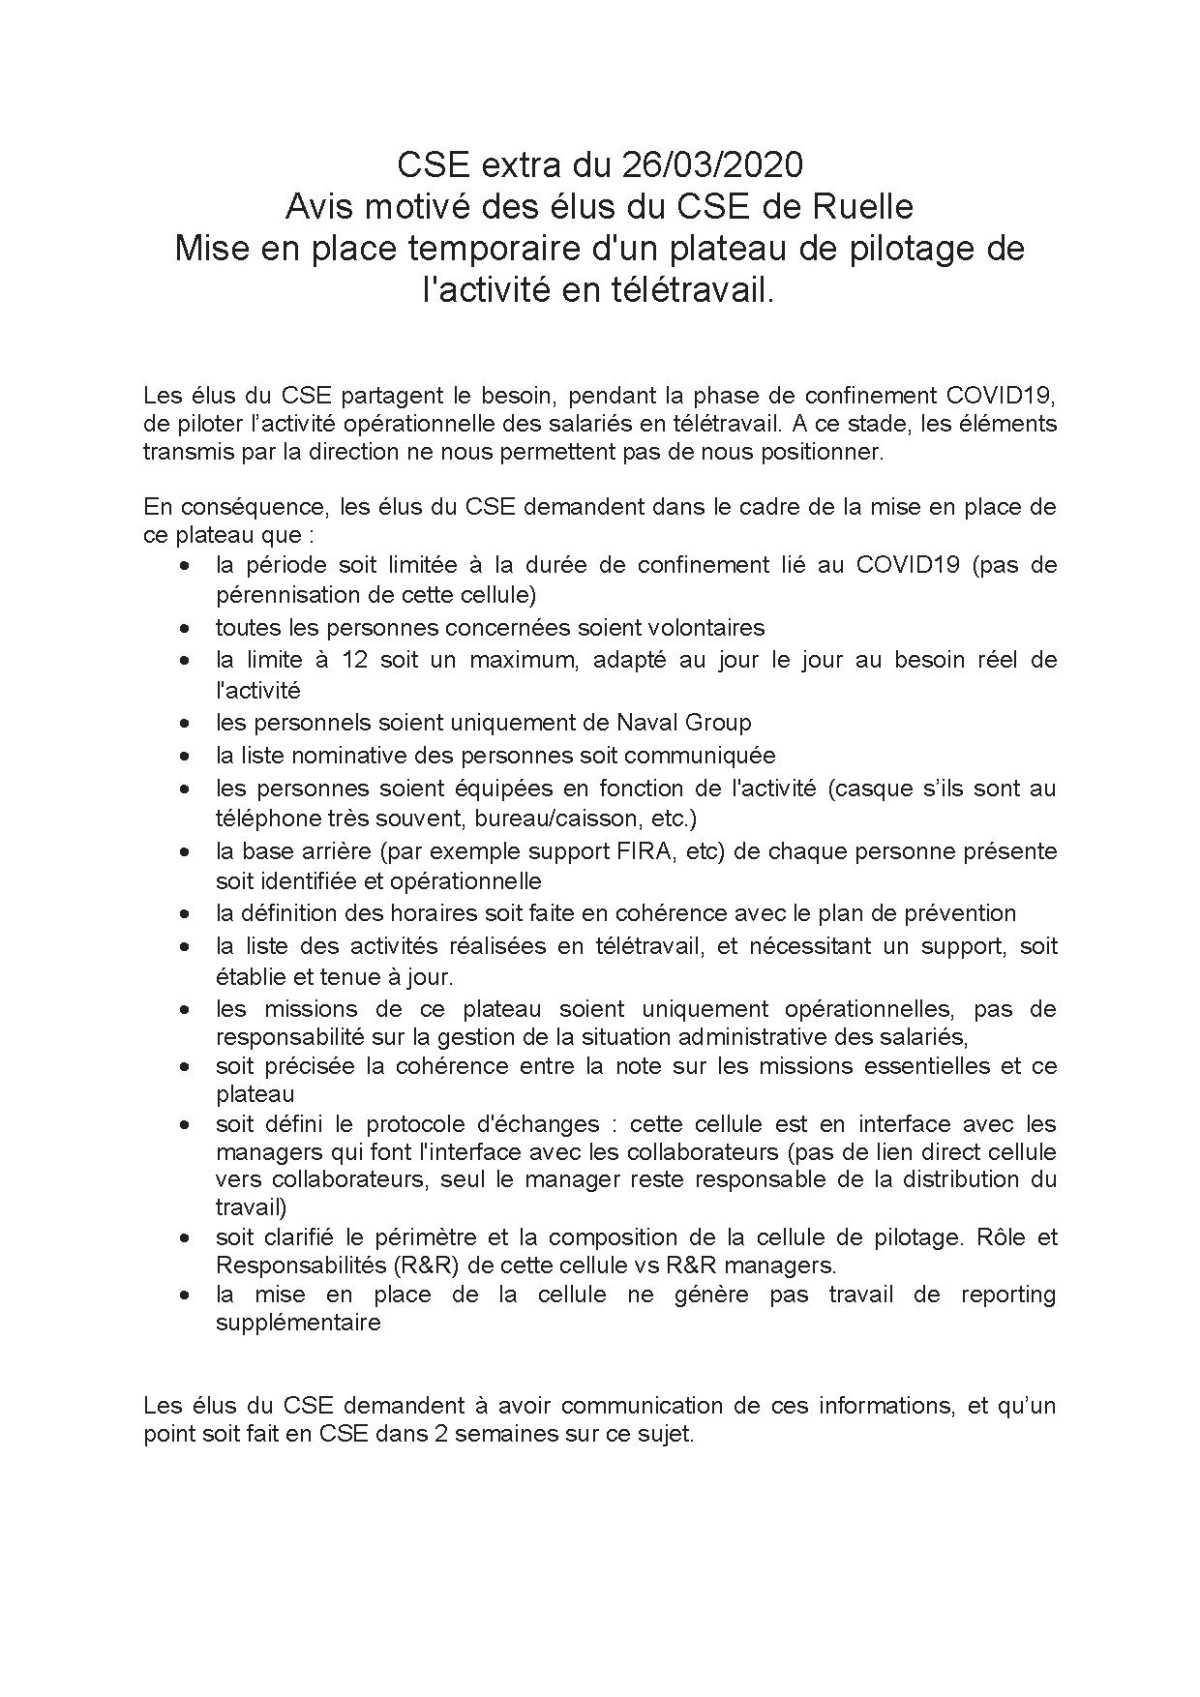 CR CSE extra de Ruelle du 26 mars 2020